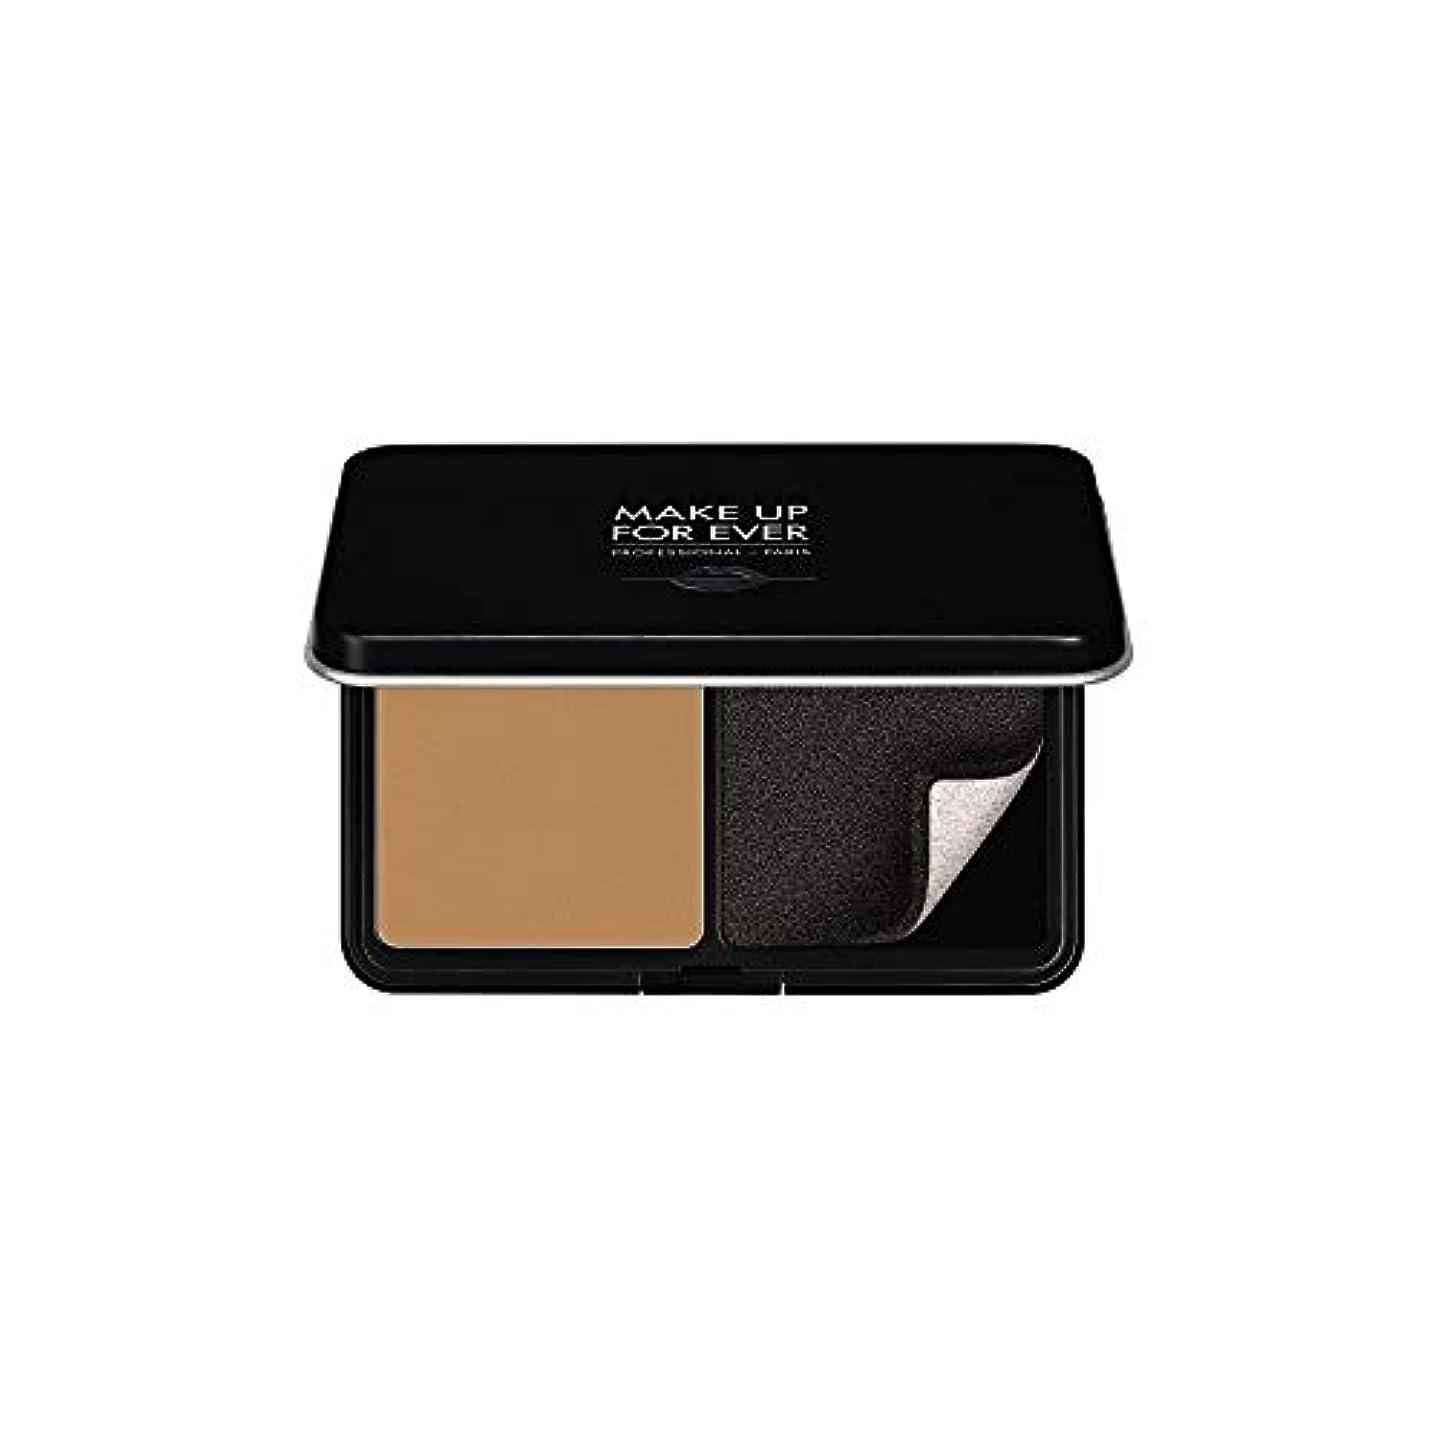 不愉快に不規則な植生メイクアップフォーエバー Matte Velvet Skin Blurring Powder Foundation - # Y415 (Almond) 11g/0.38oz並行輸入品